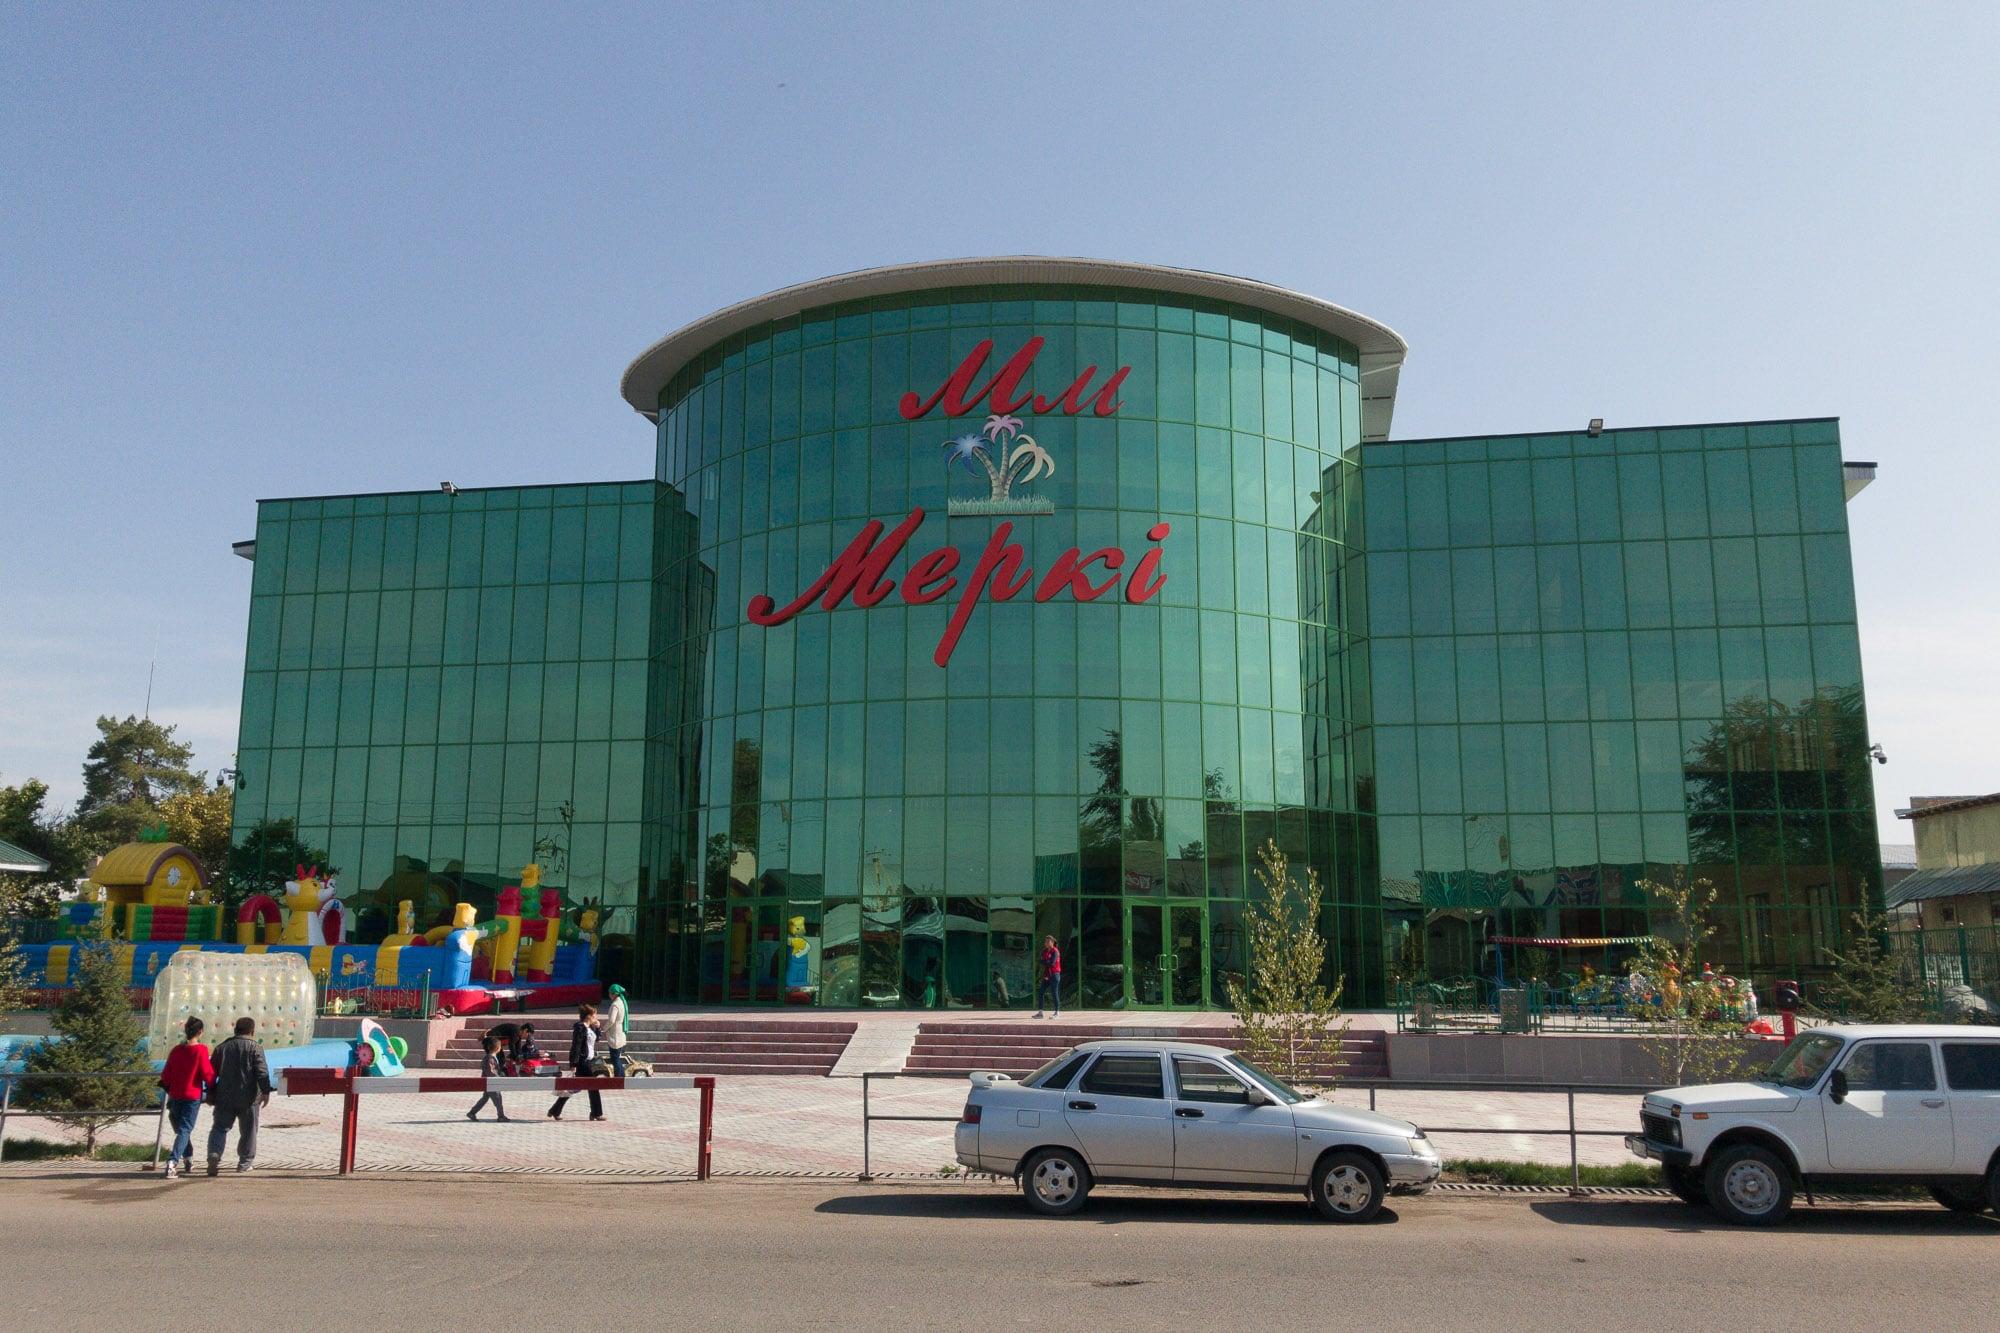 Merki shopping center